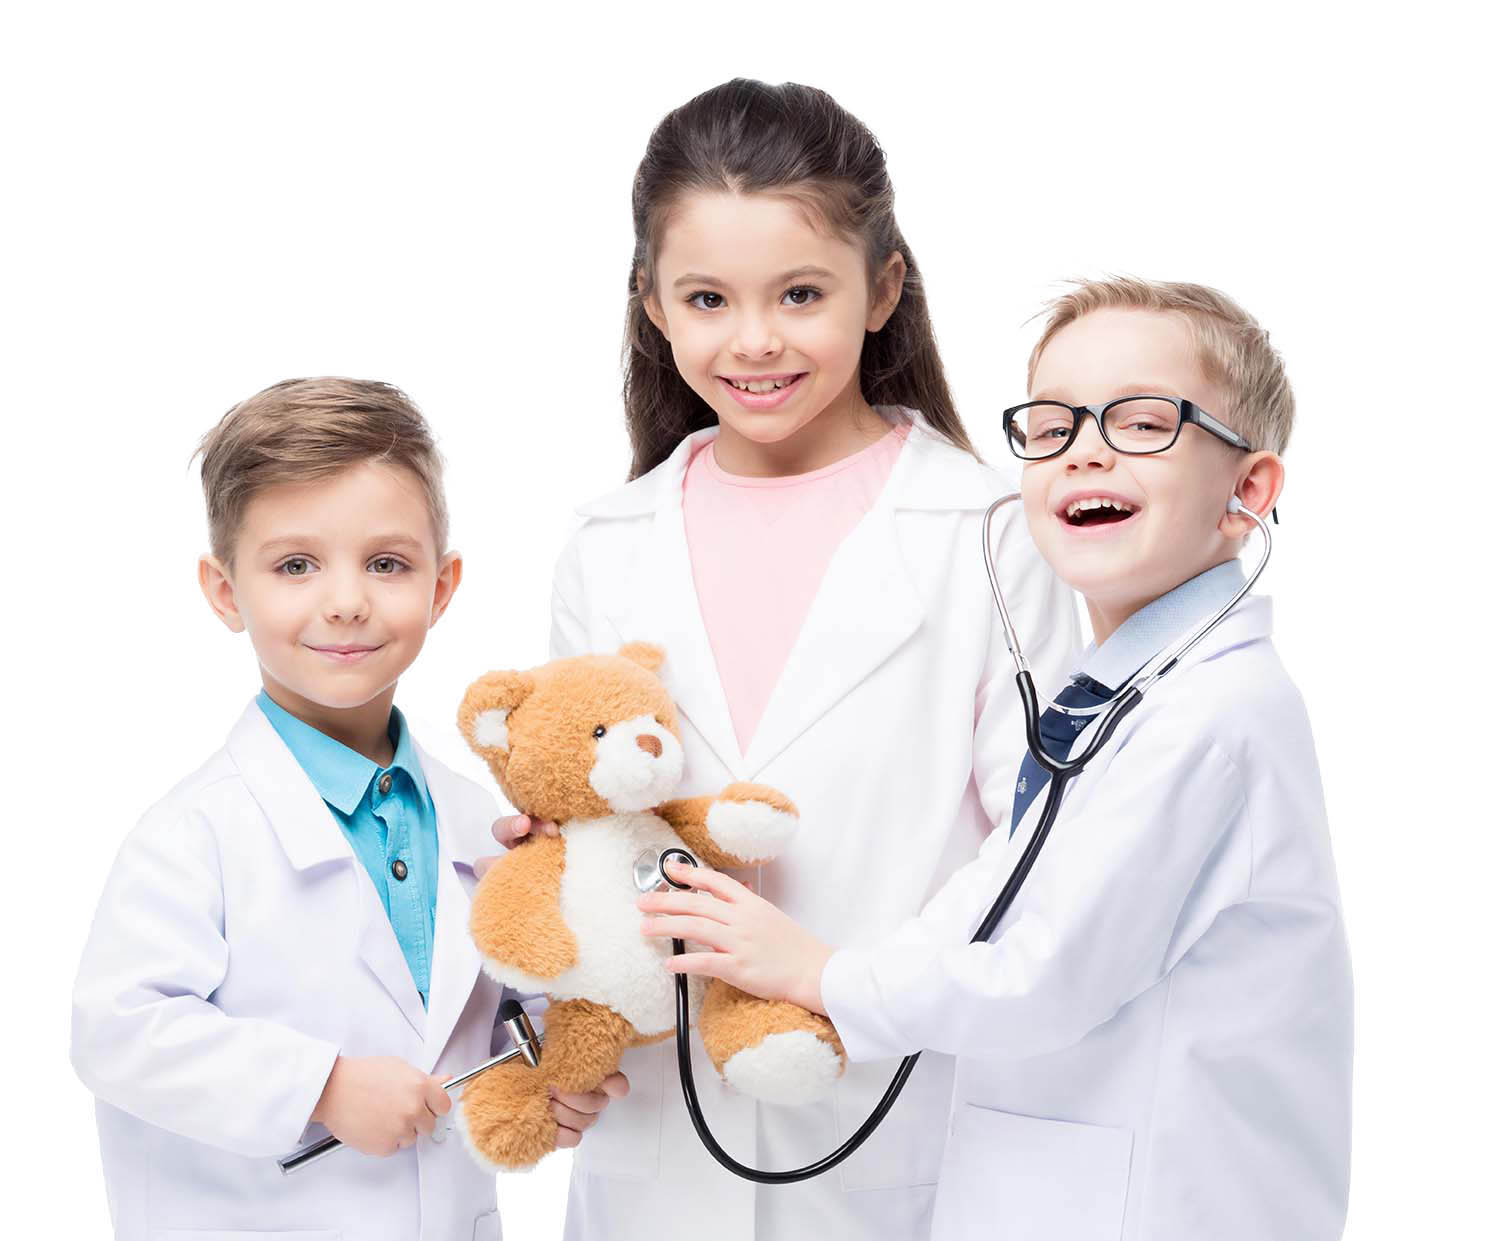 Kinder untersuchen einen Teddybären